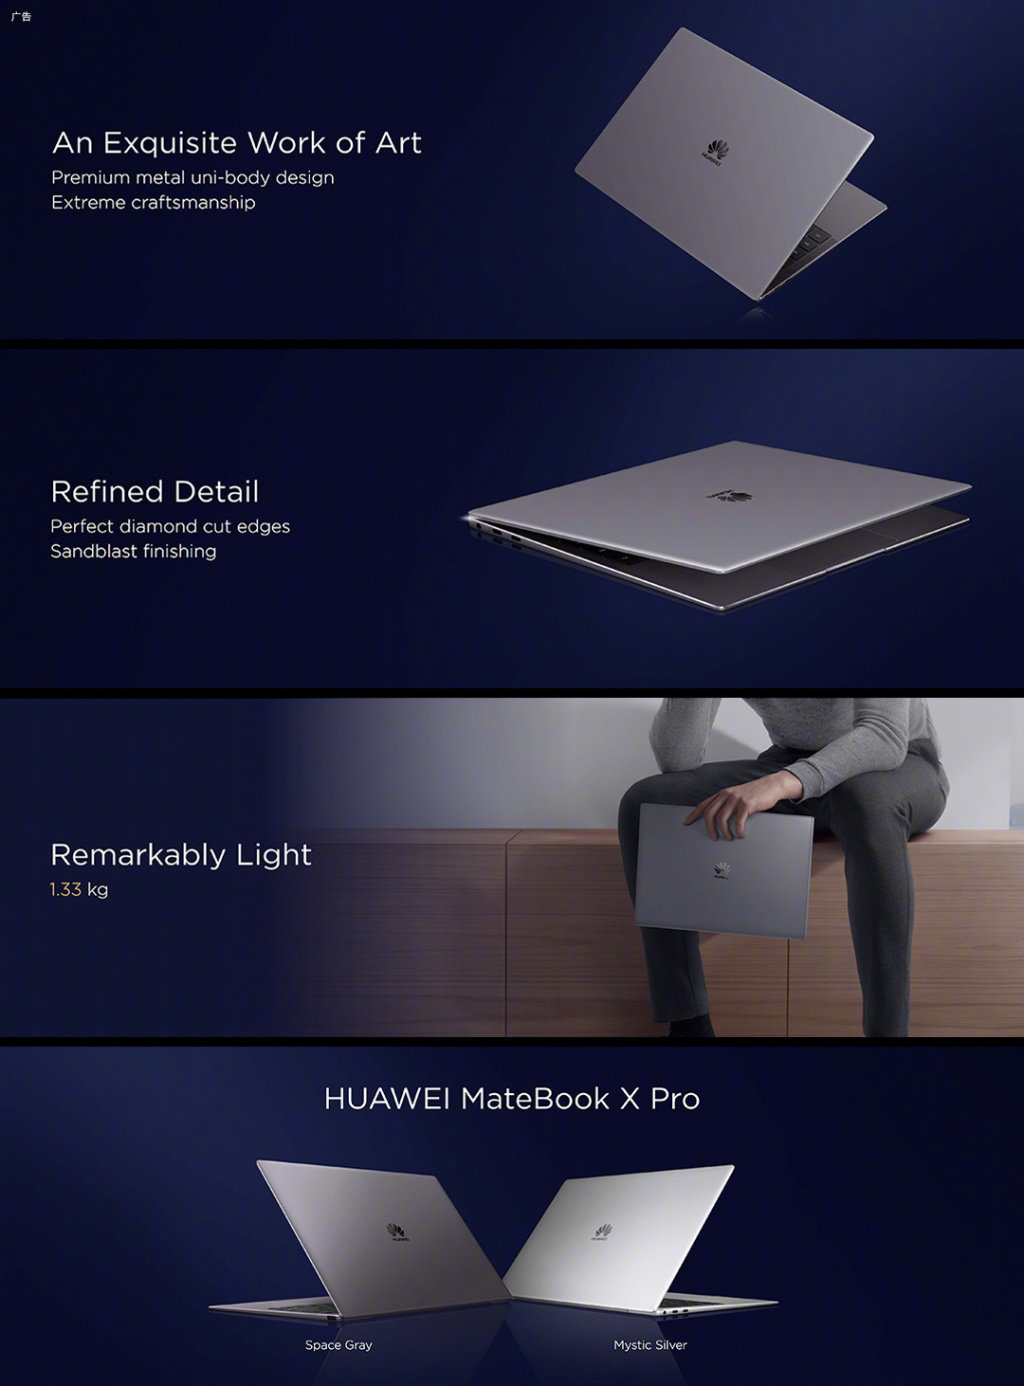 全球首款全面屏笔记本:华为MateBook X Pro正式发布 - 热点资讯 首页 第7张